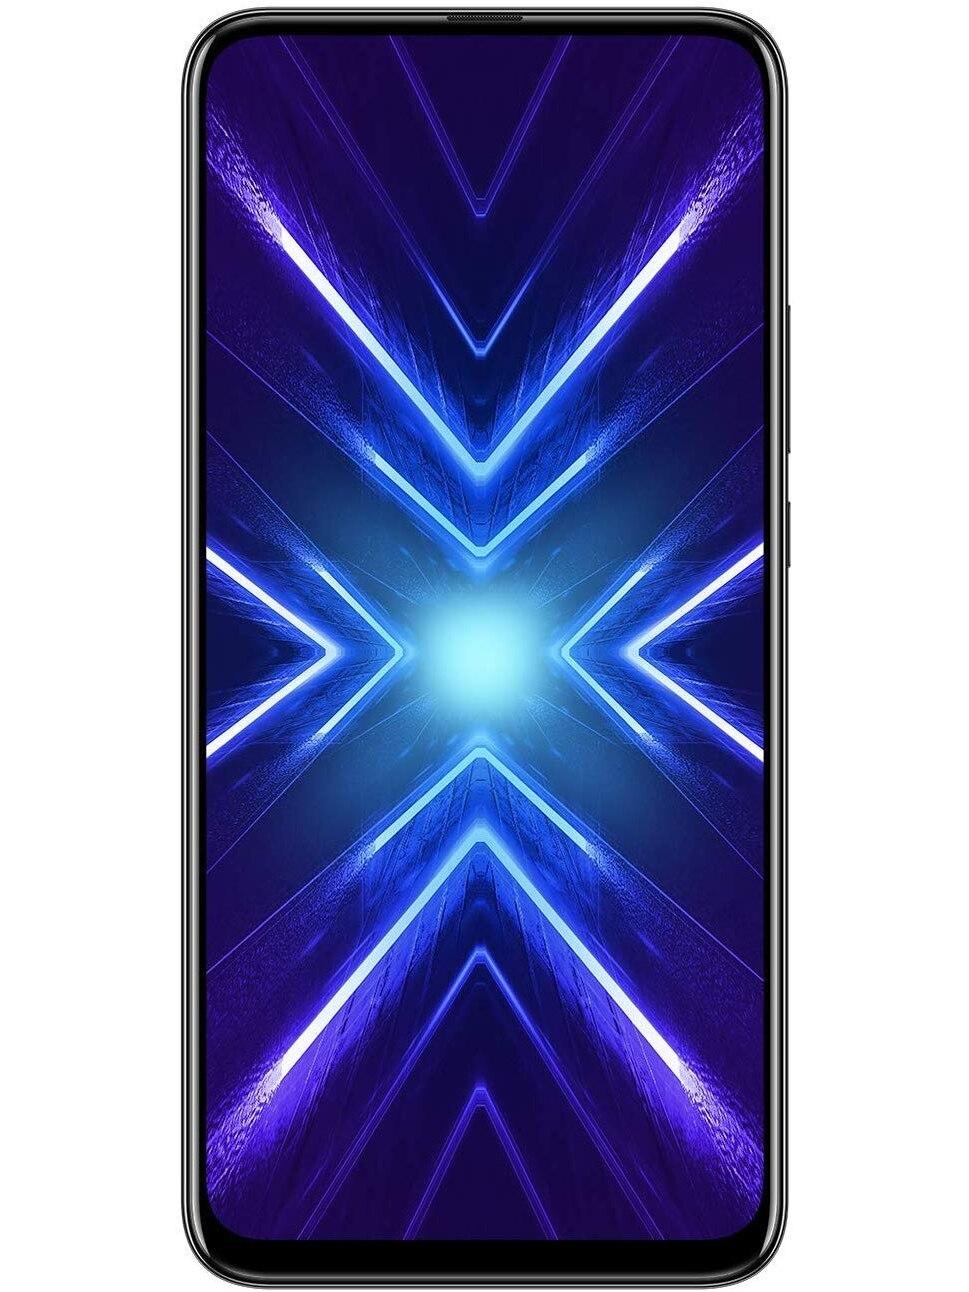 Phone Huawei Honor 9x, Black Color (Black), Dual Sim. 128 GB Internal Memory, 4 GB RAM Screen FullView 6